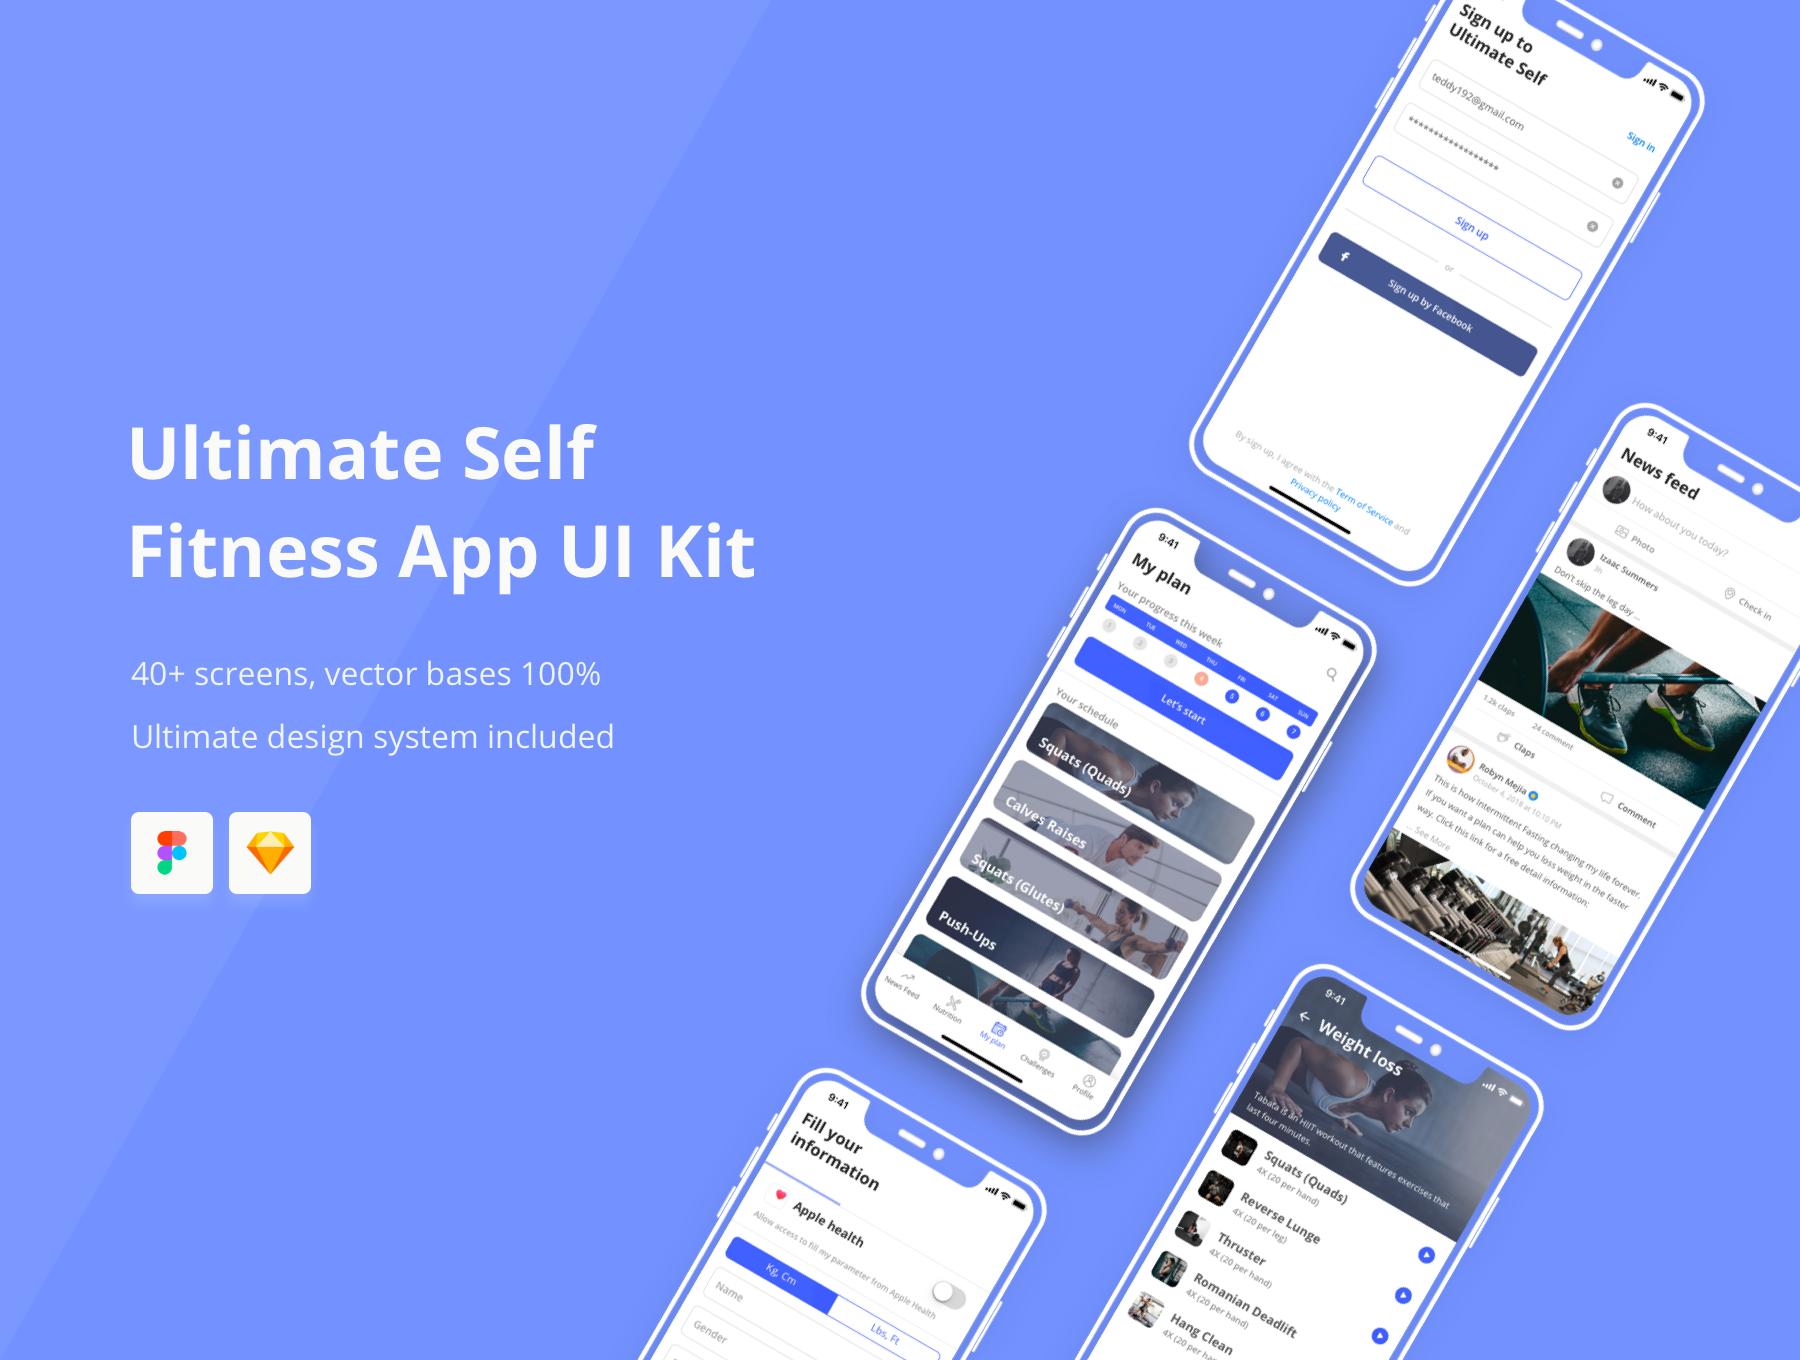 健身体育锻炼应用程序APP界面设计UI套件 Ultimate Self Fitness App UI Kit插图